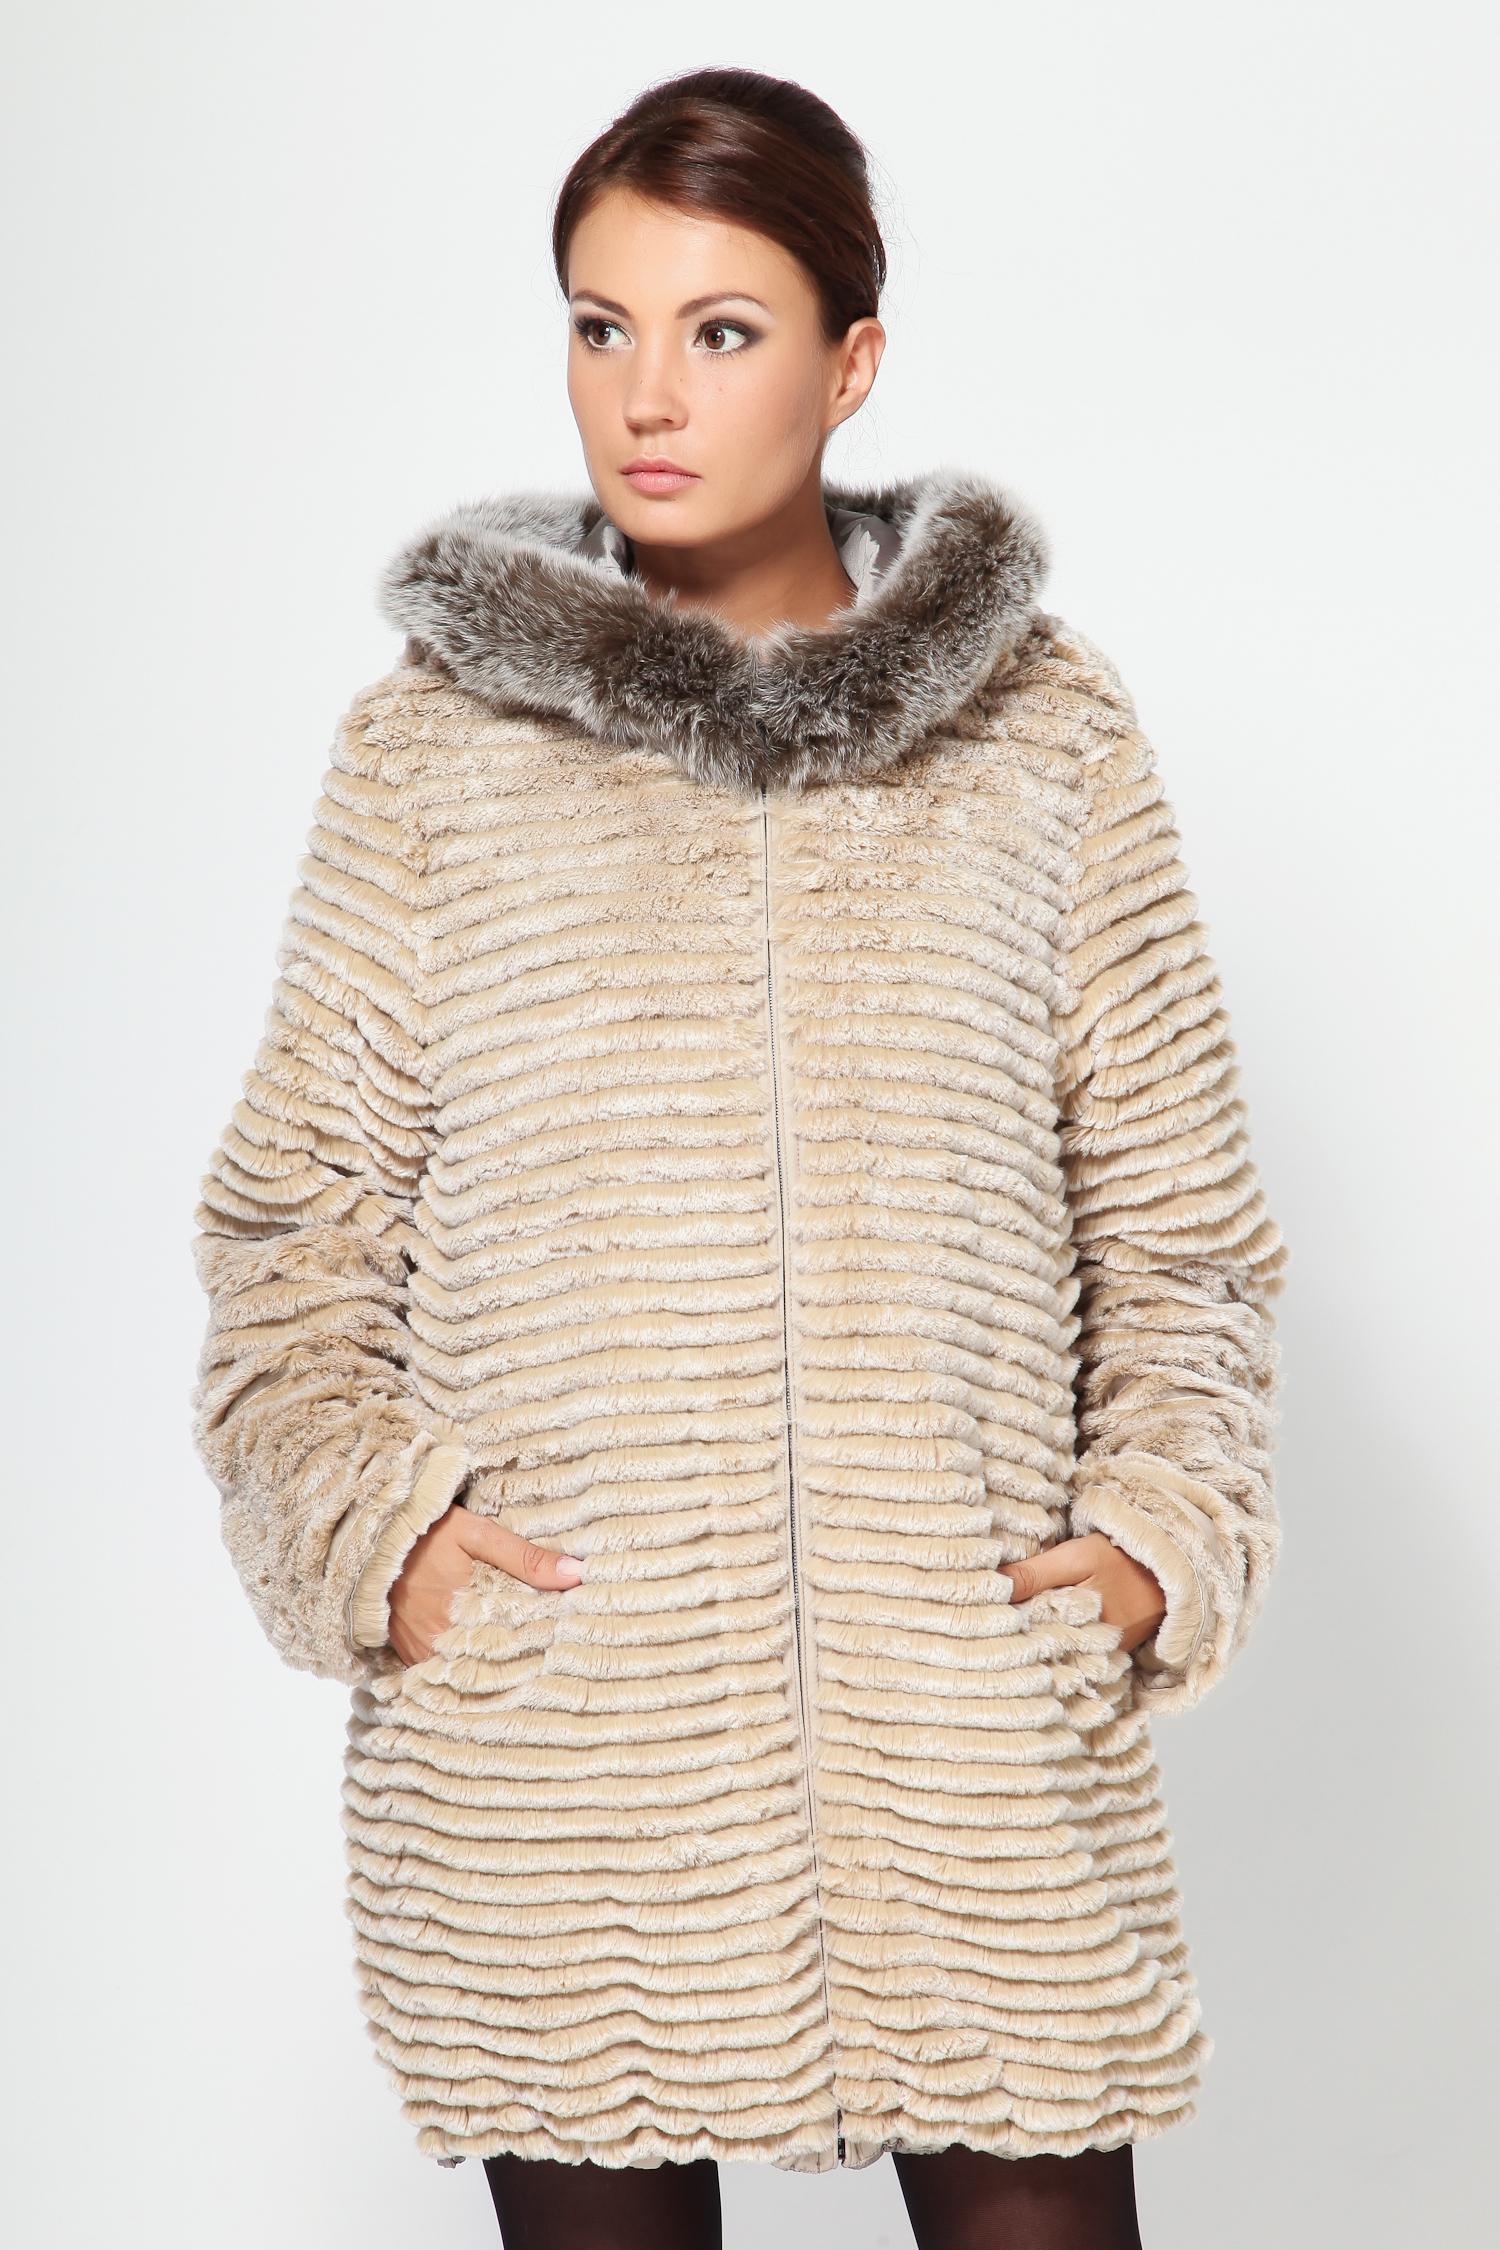 Пальто двустороннее с капюшоном, отделка песец от Московская Меховая Компания